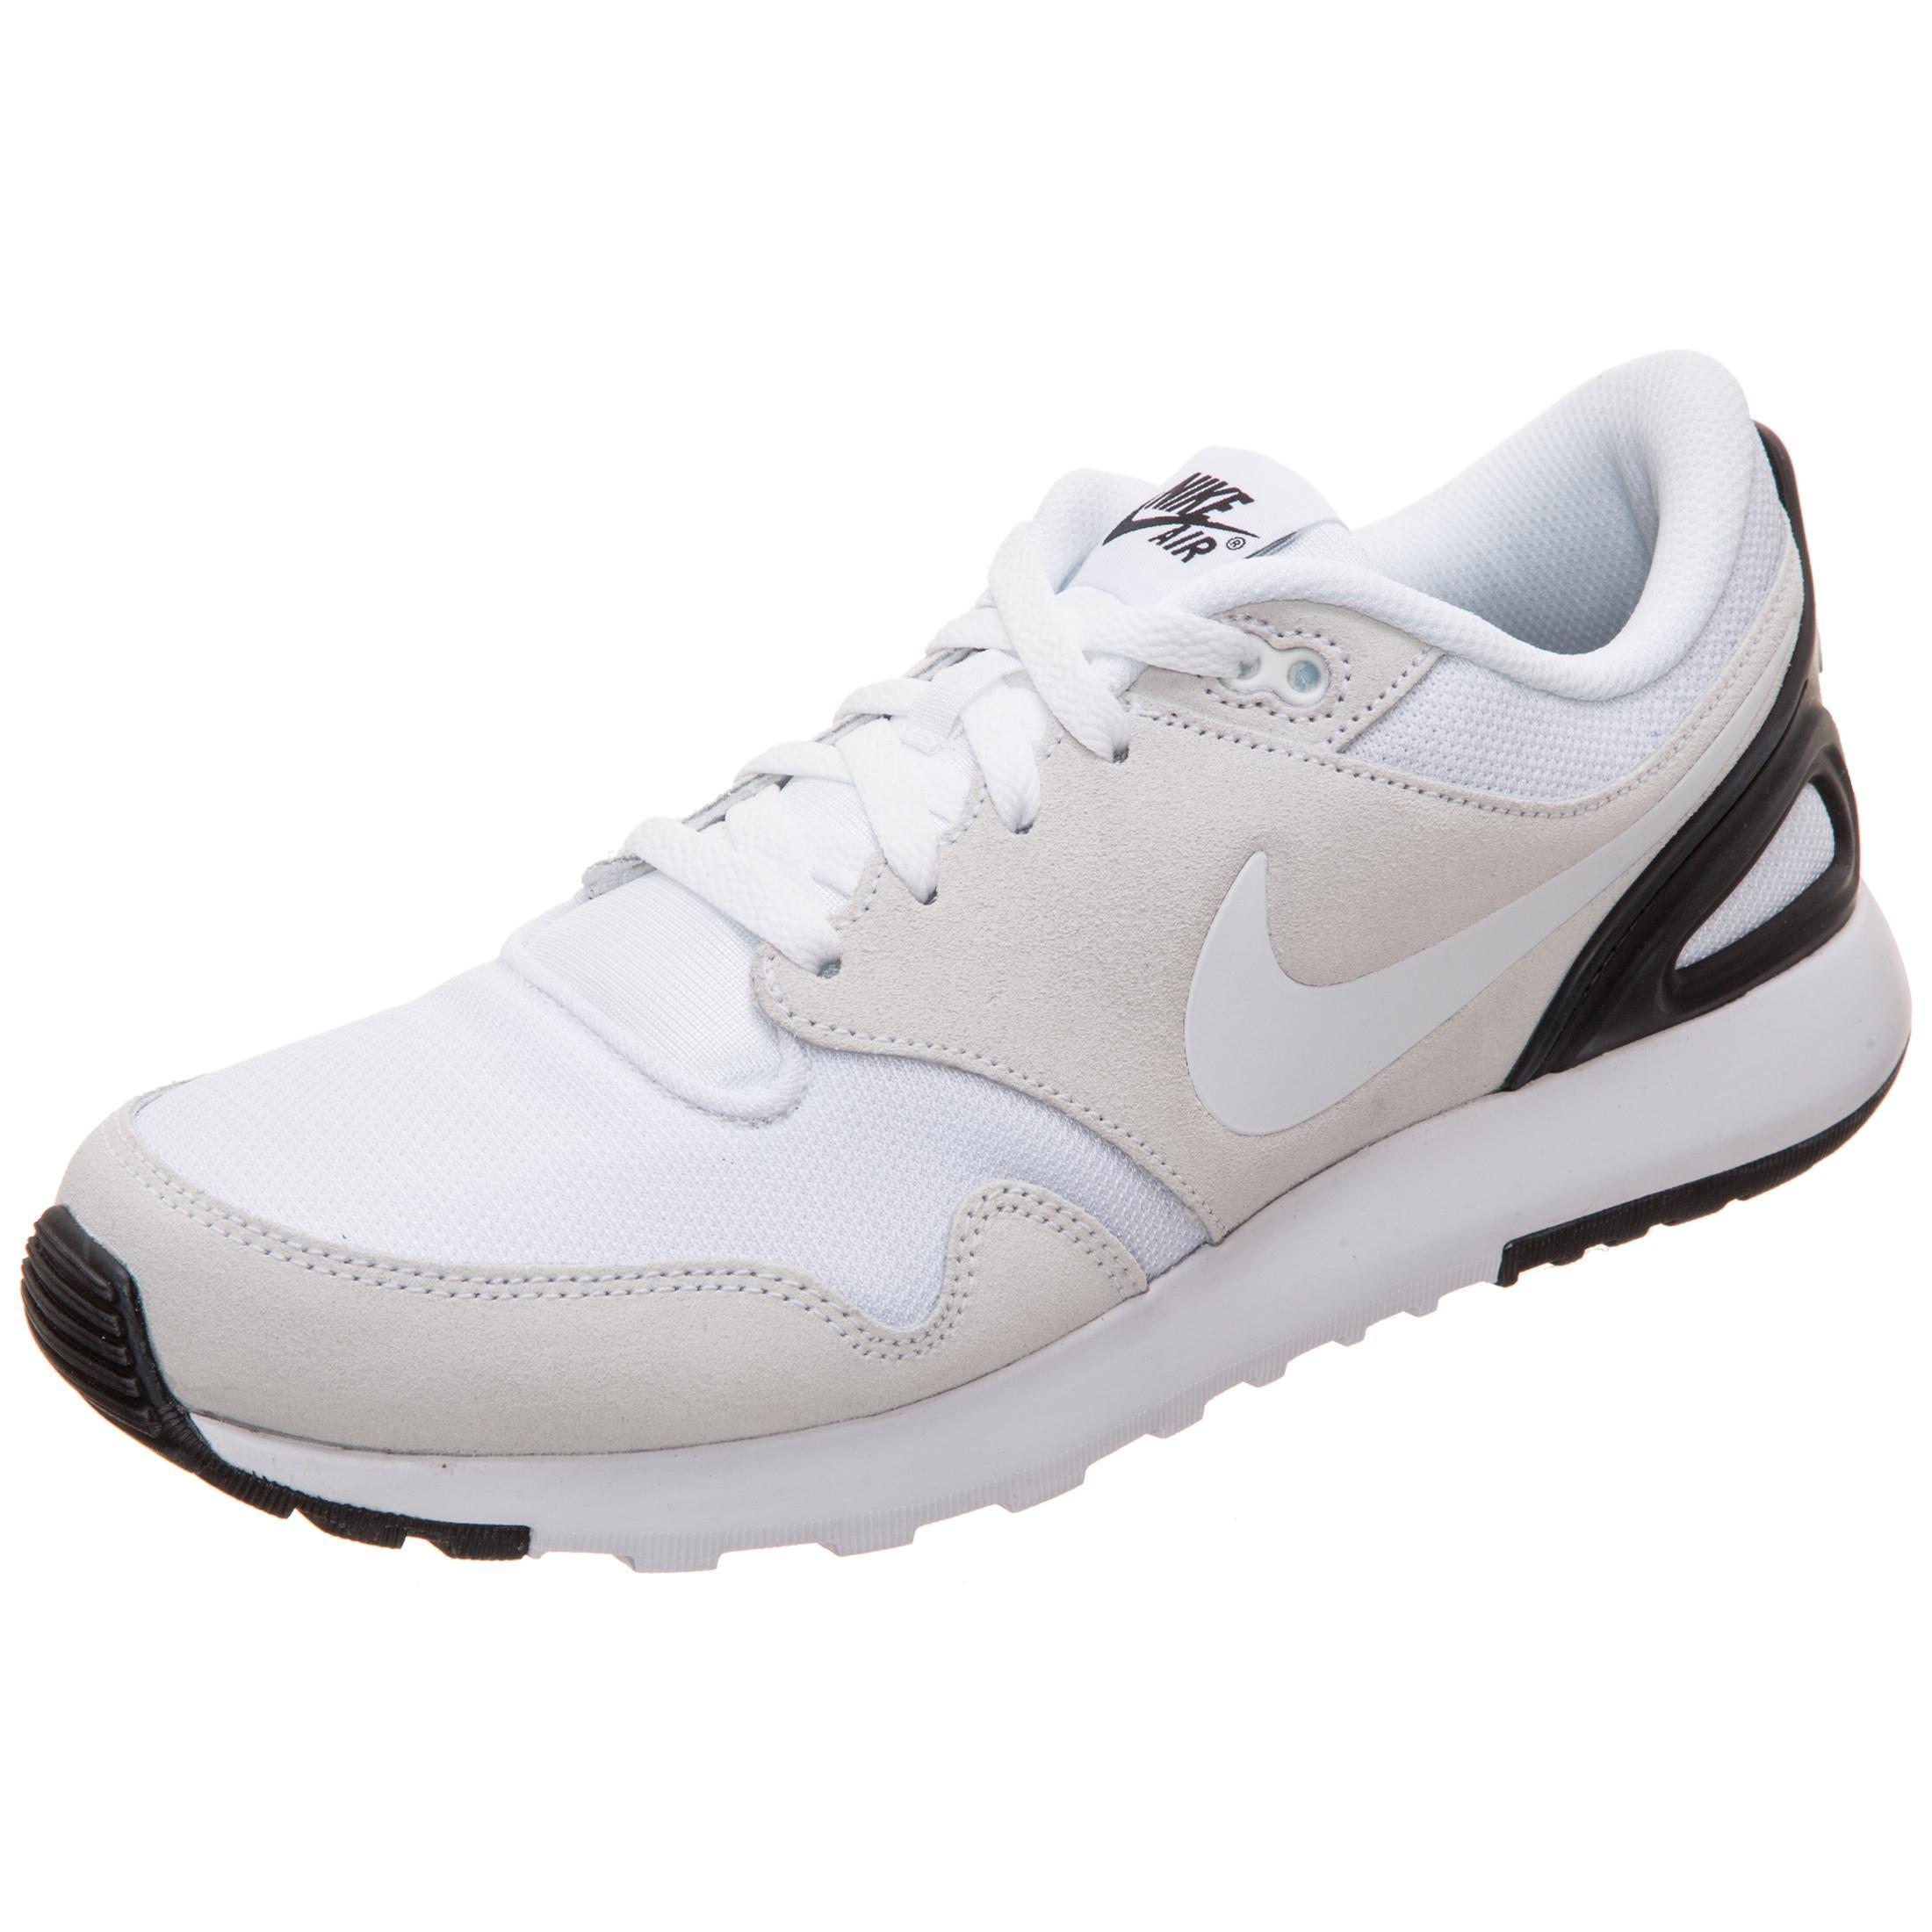 Turnschuhe weiß Nike im weiß Air Herren schwarz Vibenna weiß 3Aqc5RjS4L